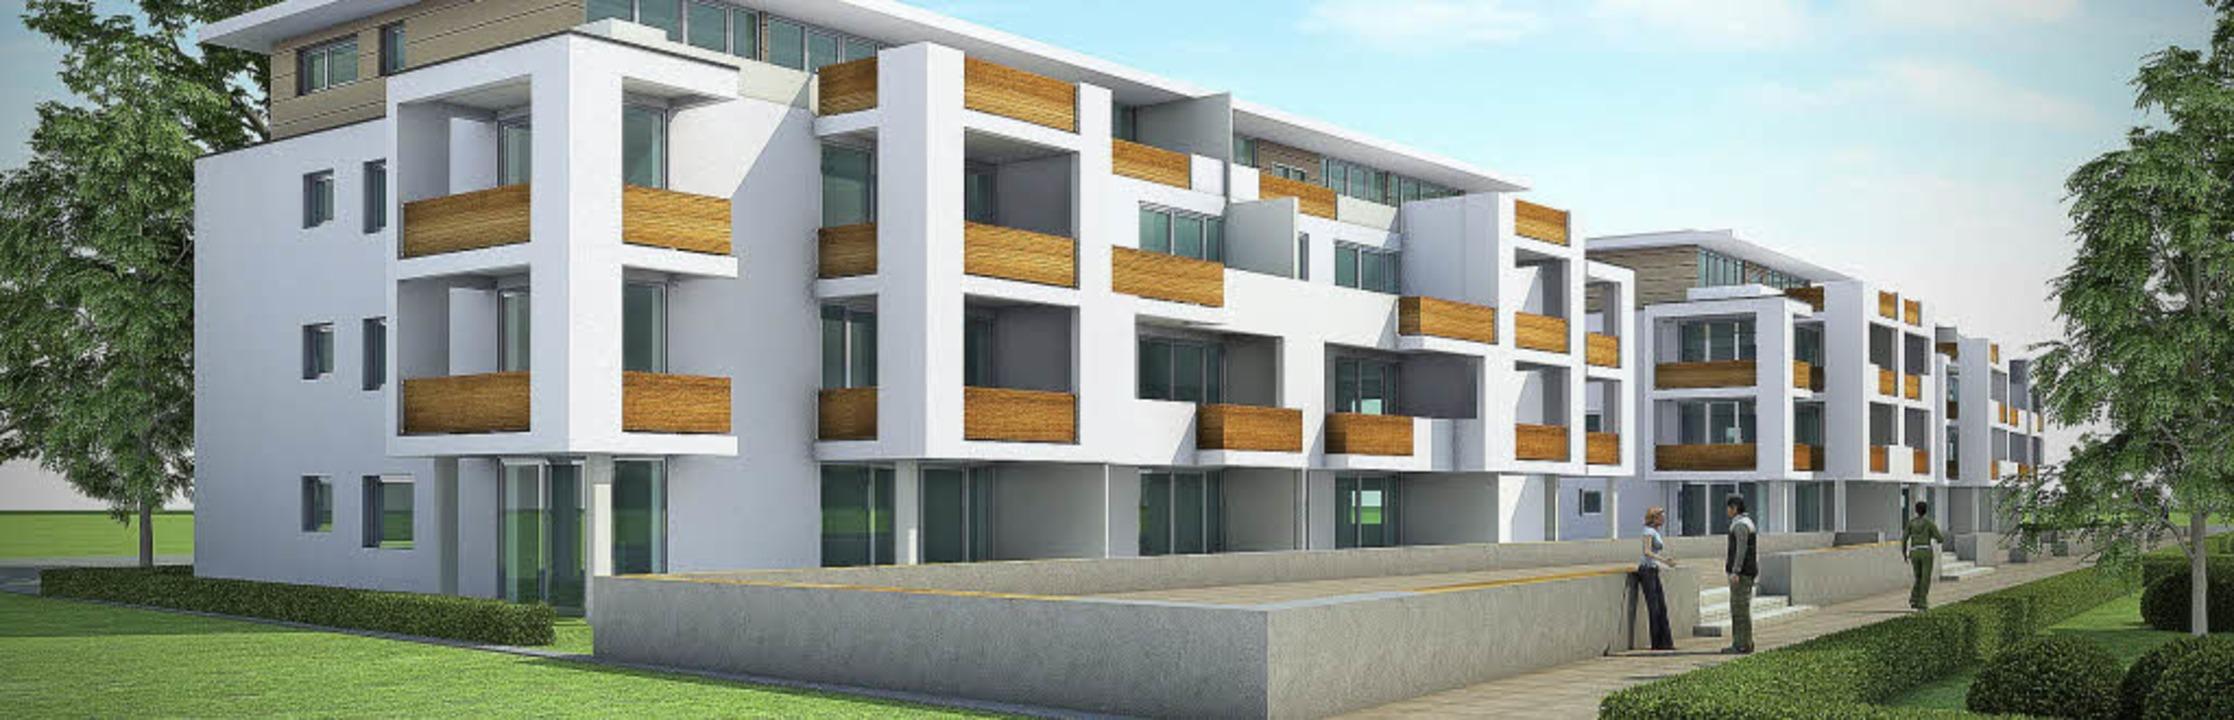 Eine erste Visualisierung der Bebauung...für sechs Mehrfamilienhäuser anstrebt   | Foto: blauen carree